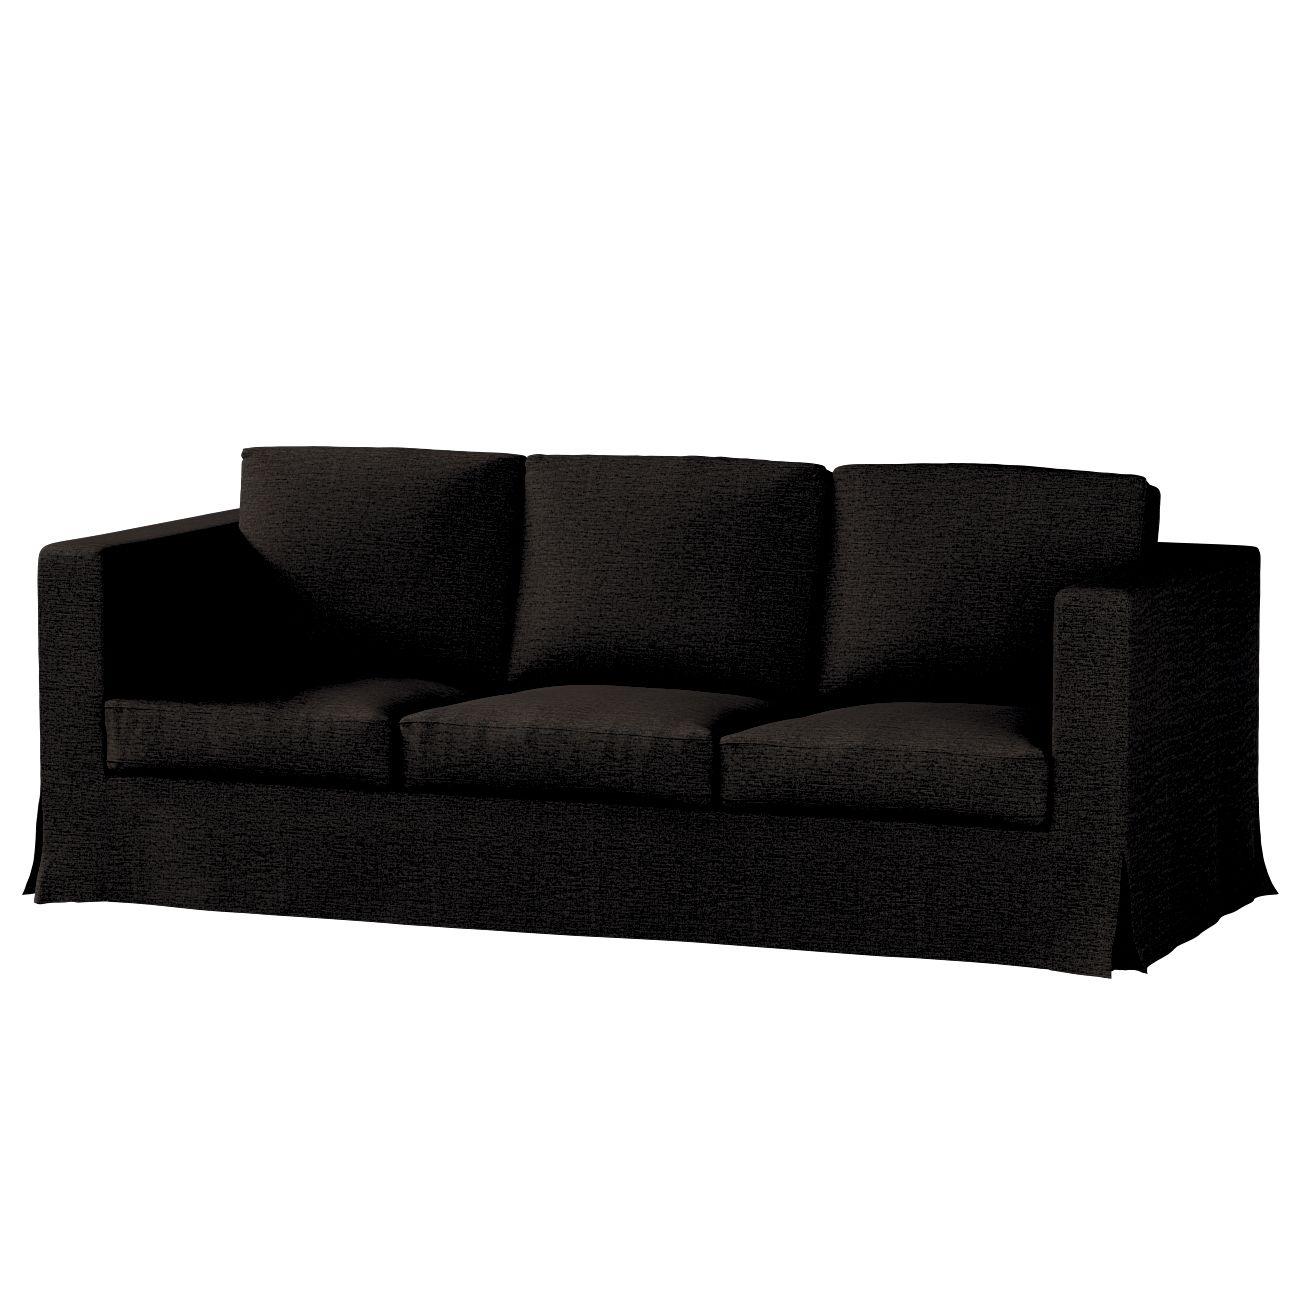 Full Size of Couch Ausklappbar P2032 Ausklappbares Bett Wohnzimmer Couch Ausklappbar